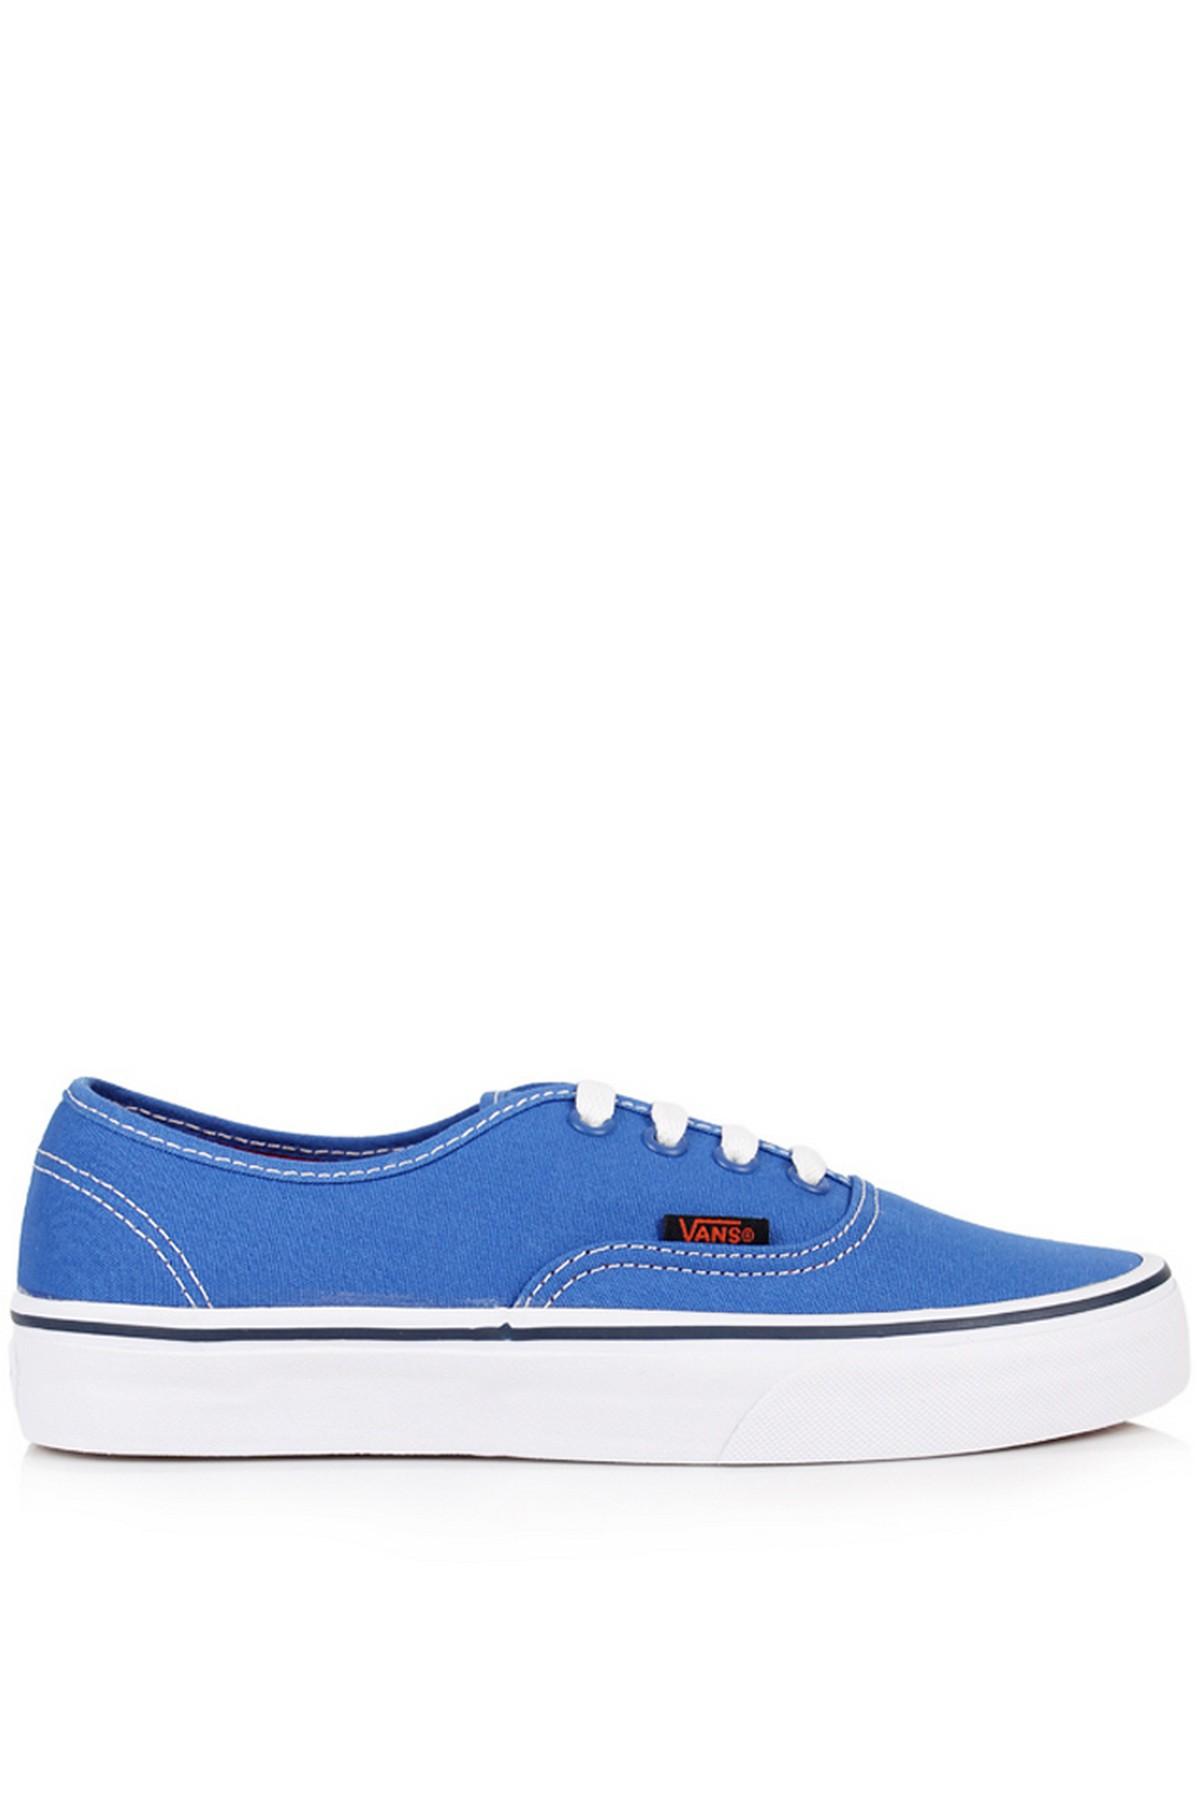 Vans Authentic Günlük Ayakkabı Mavi Renk (VW4NDXS)